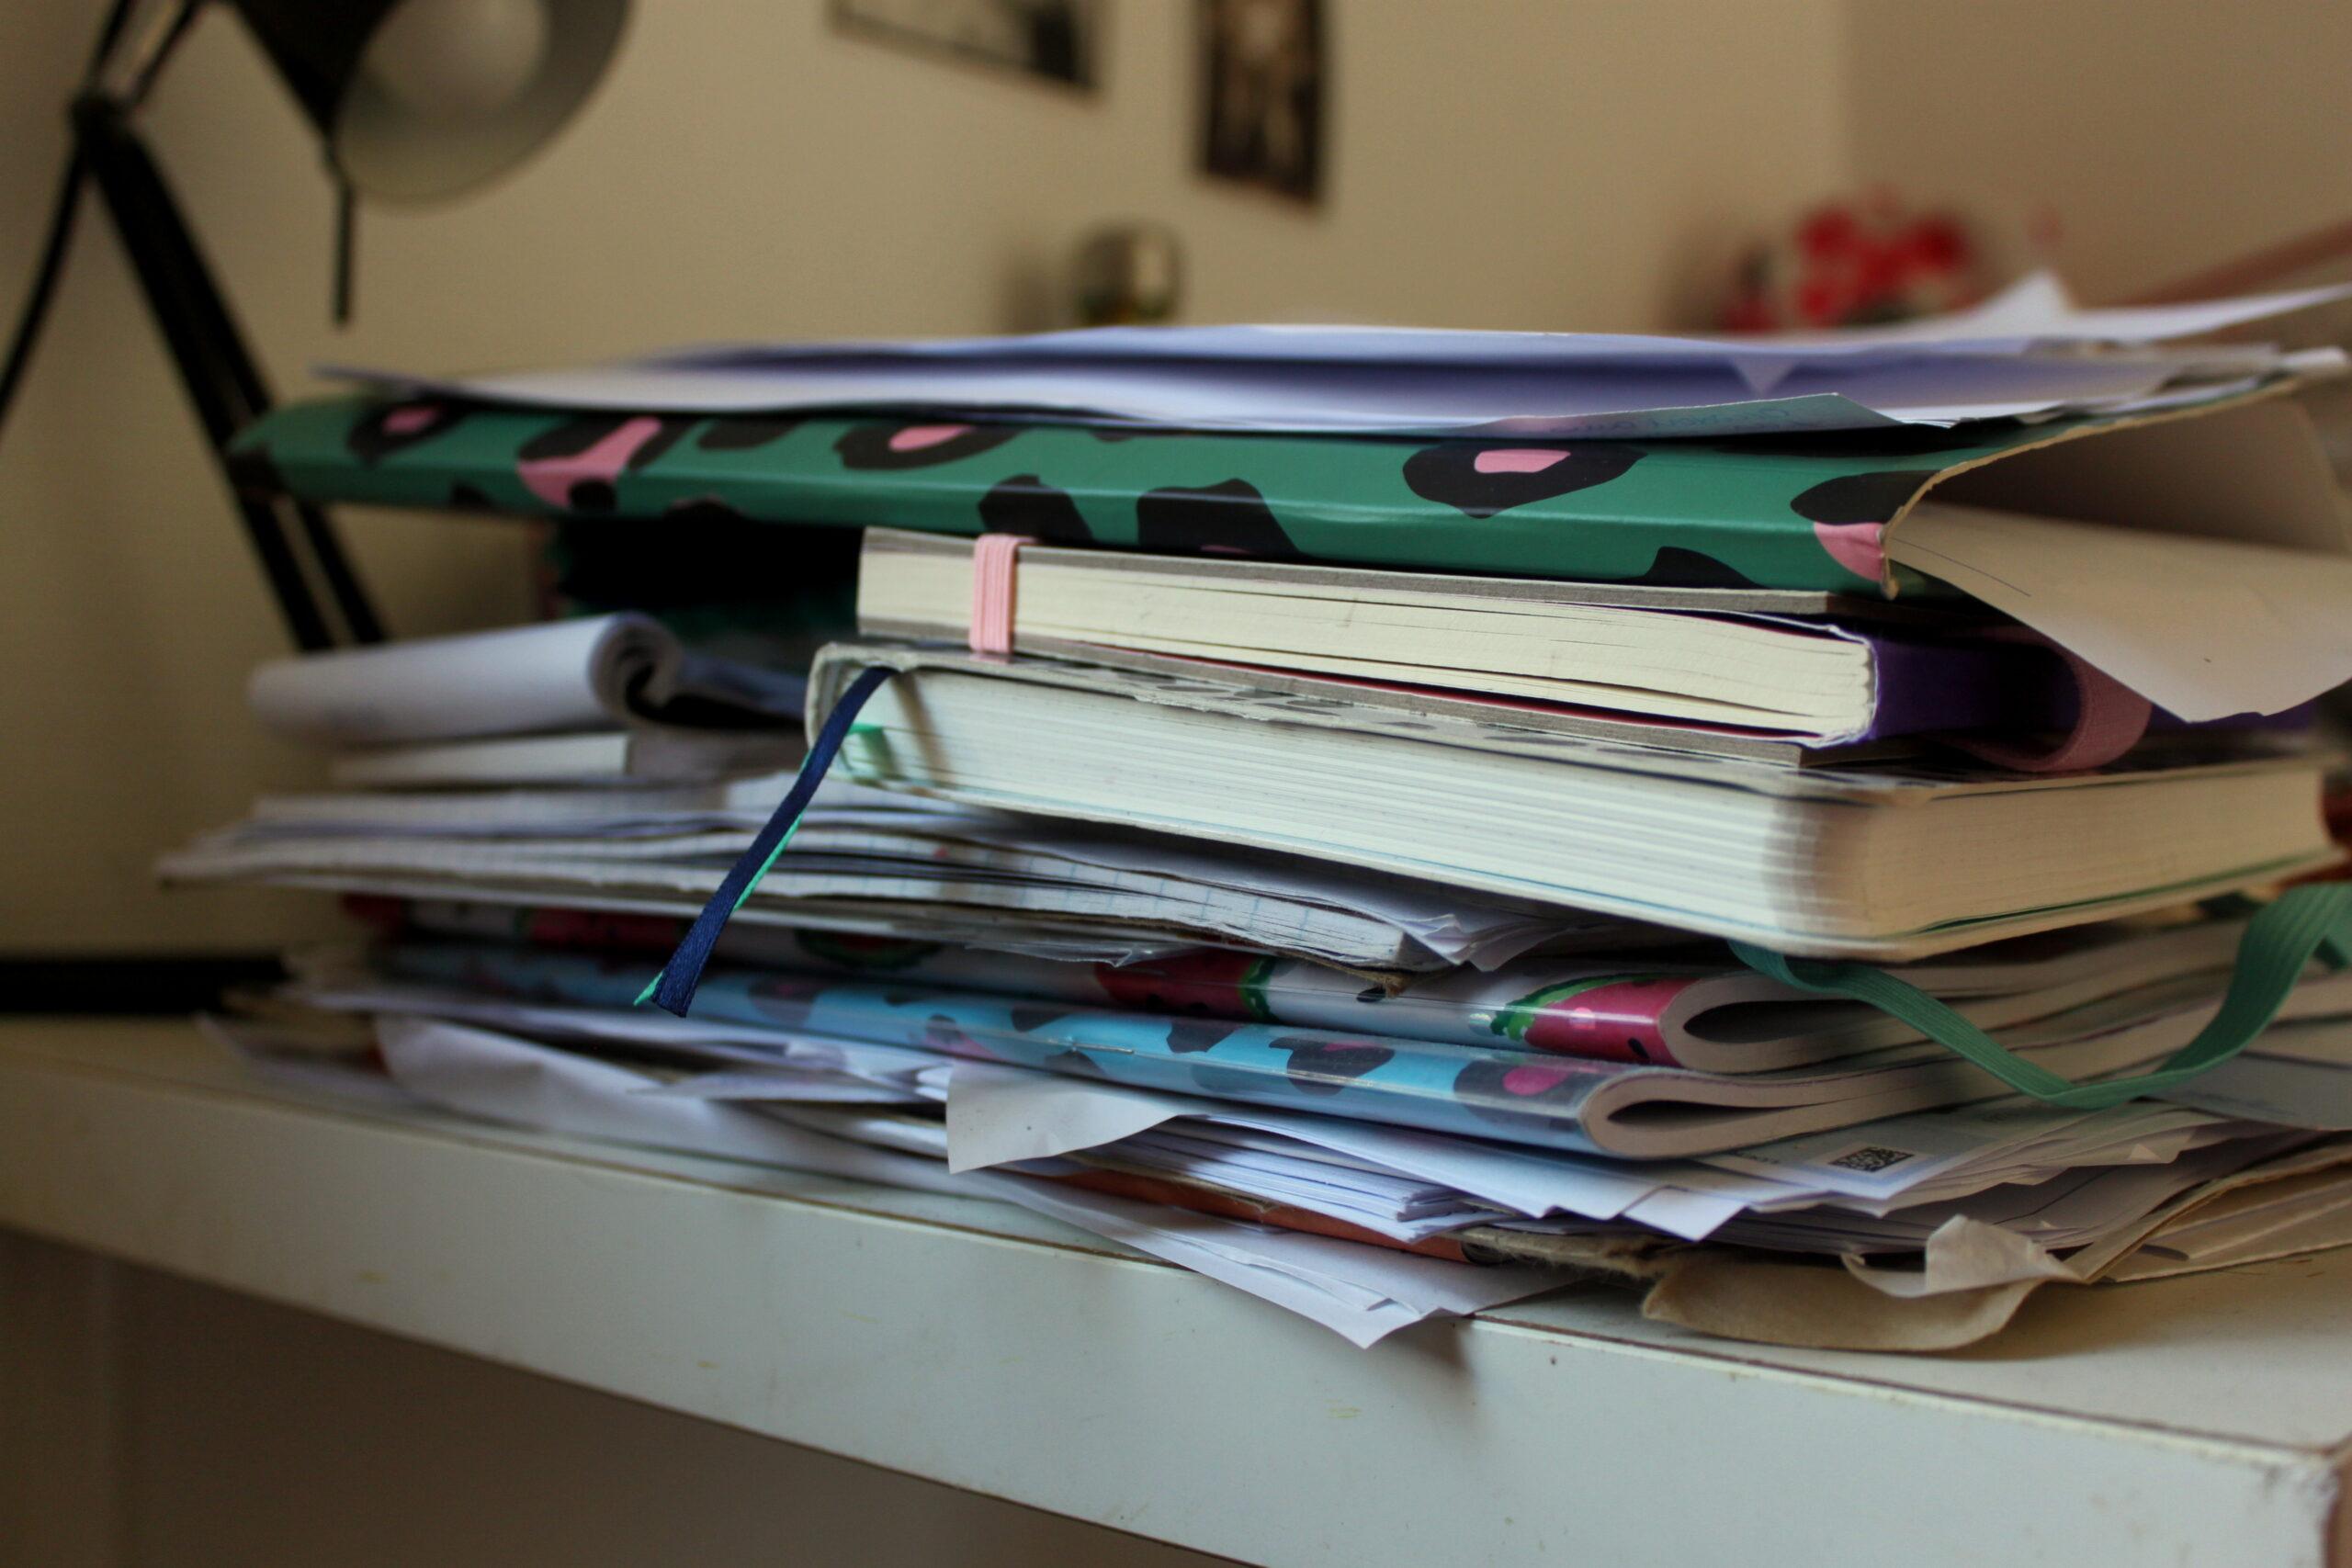 Le bureau de Nina vu de très proche. On voit un tas de cahiers et de feuilles.